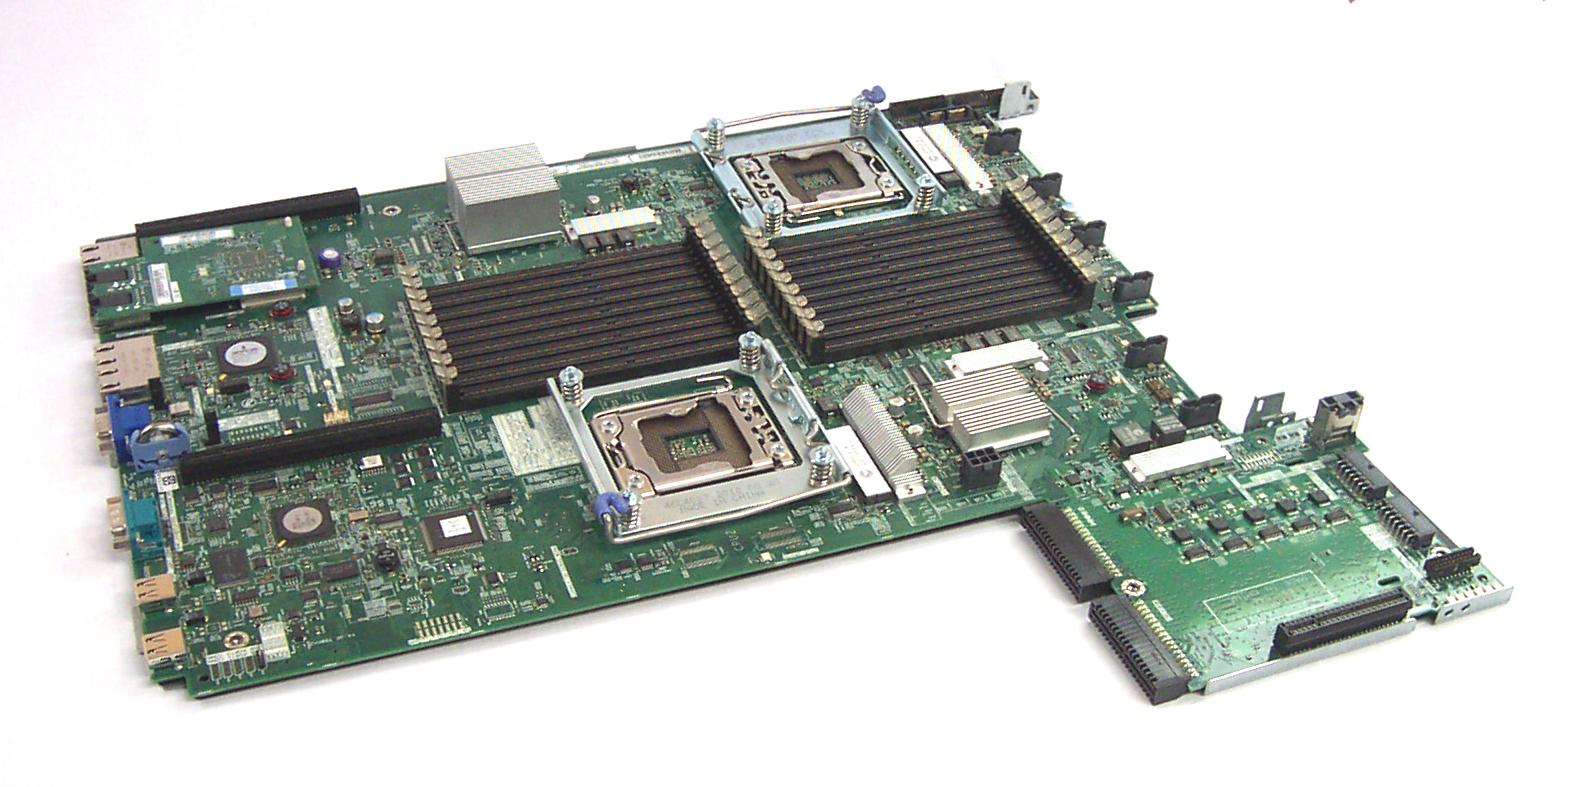 IBM 69Y4508 System x3650 M3 Dual Socket LGA 1366 System Board